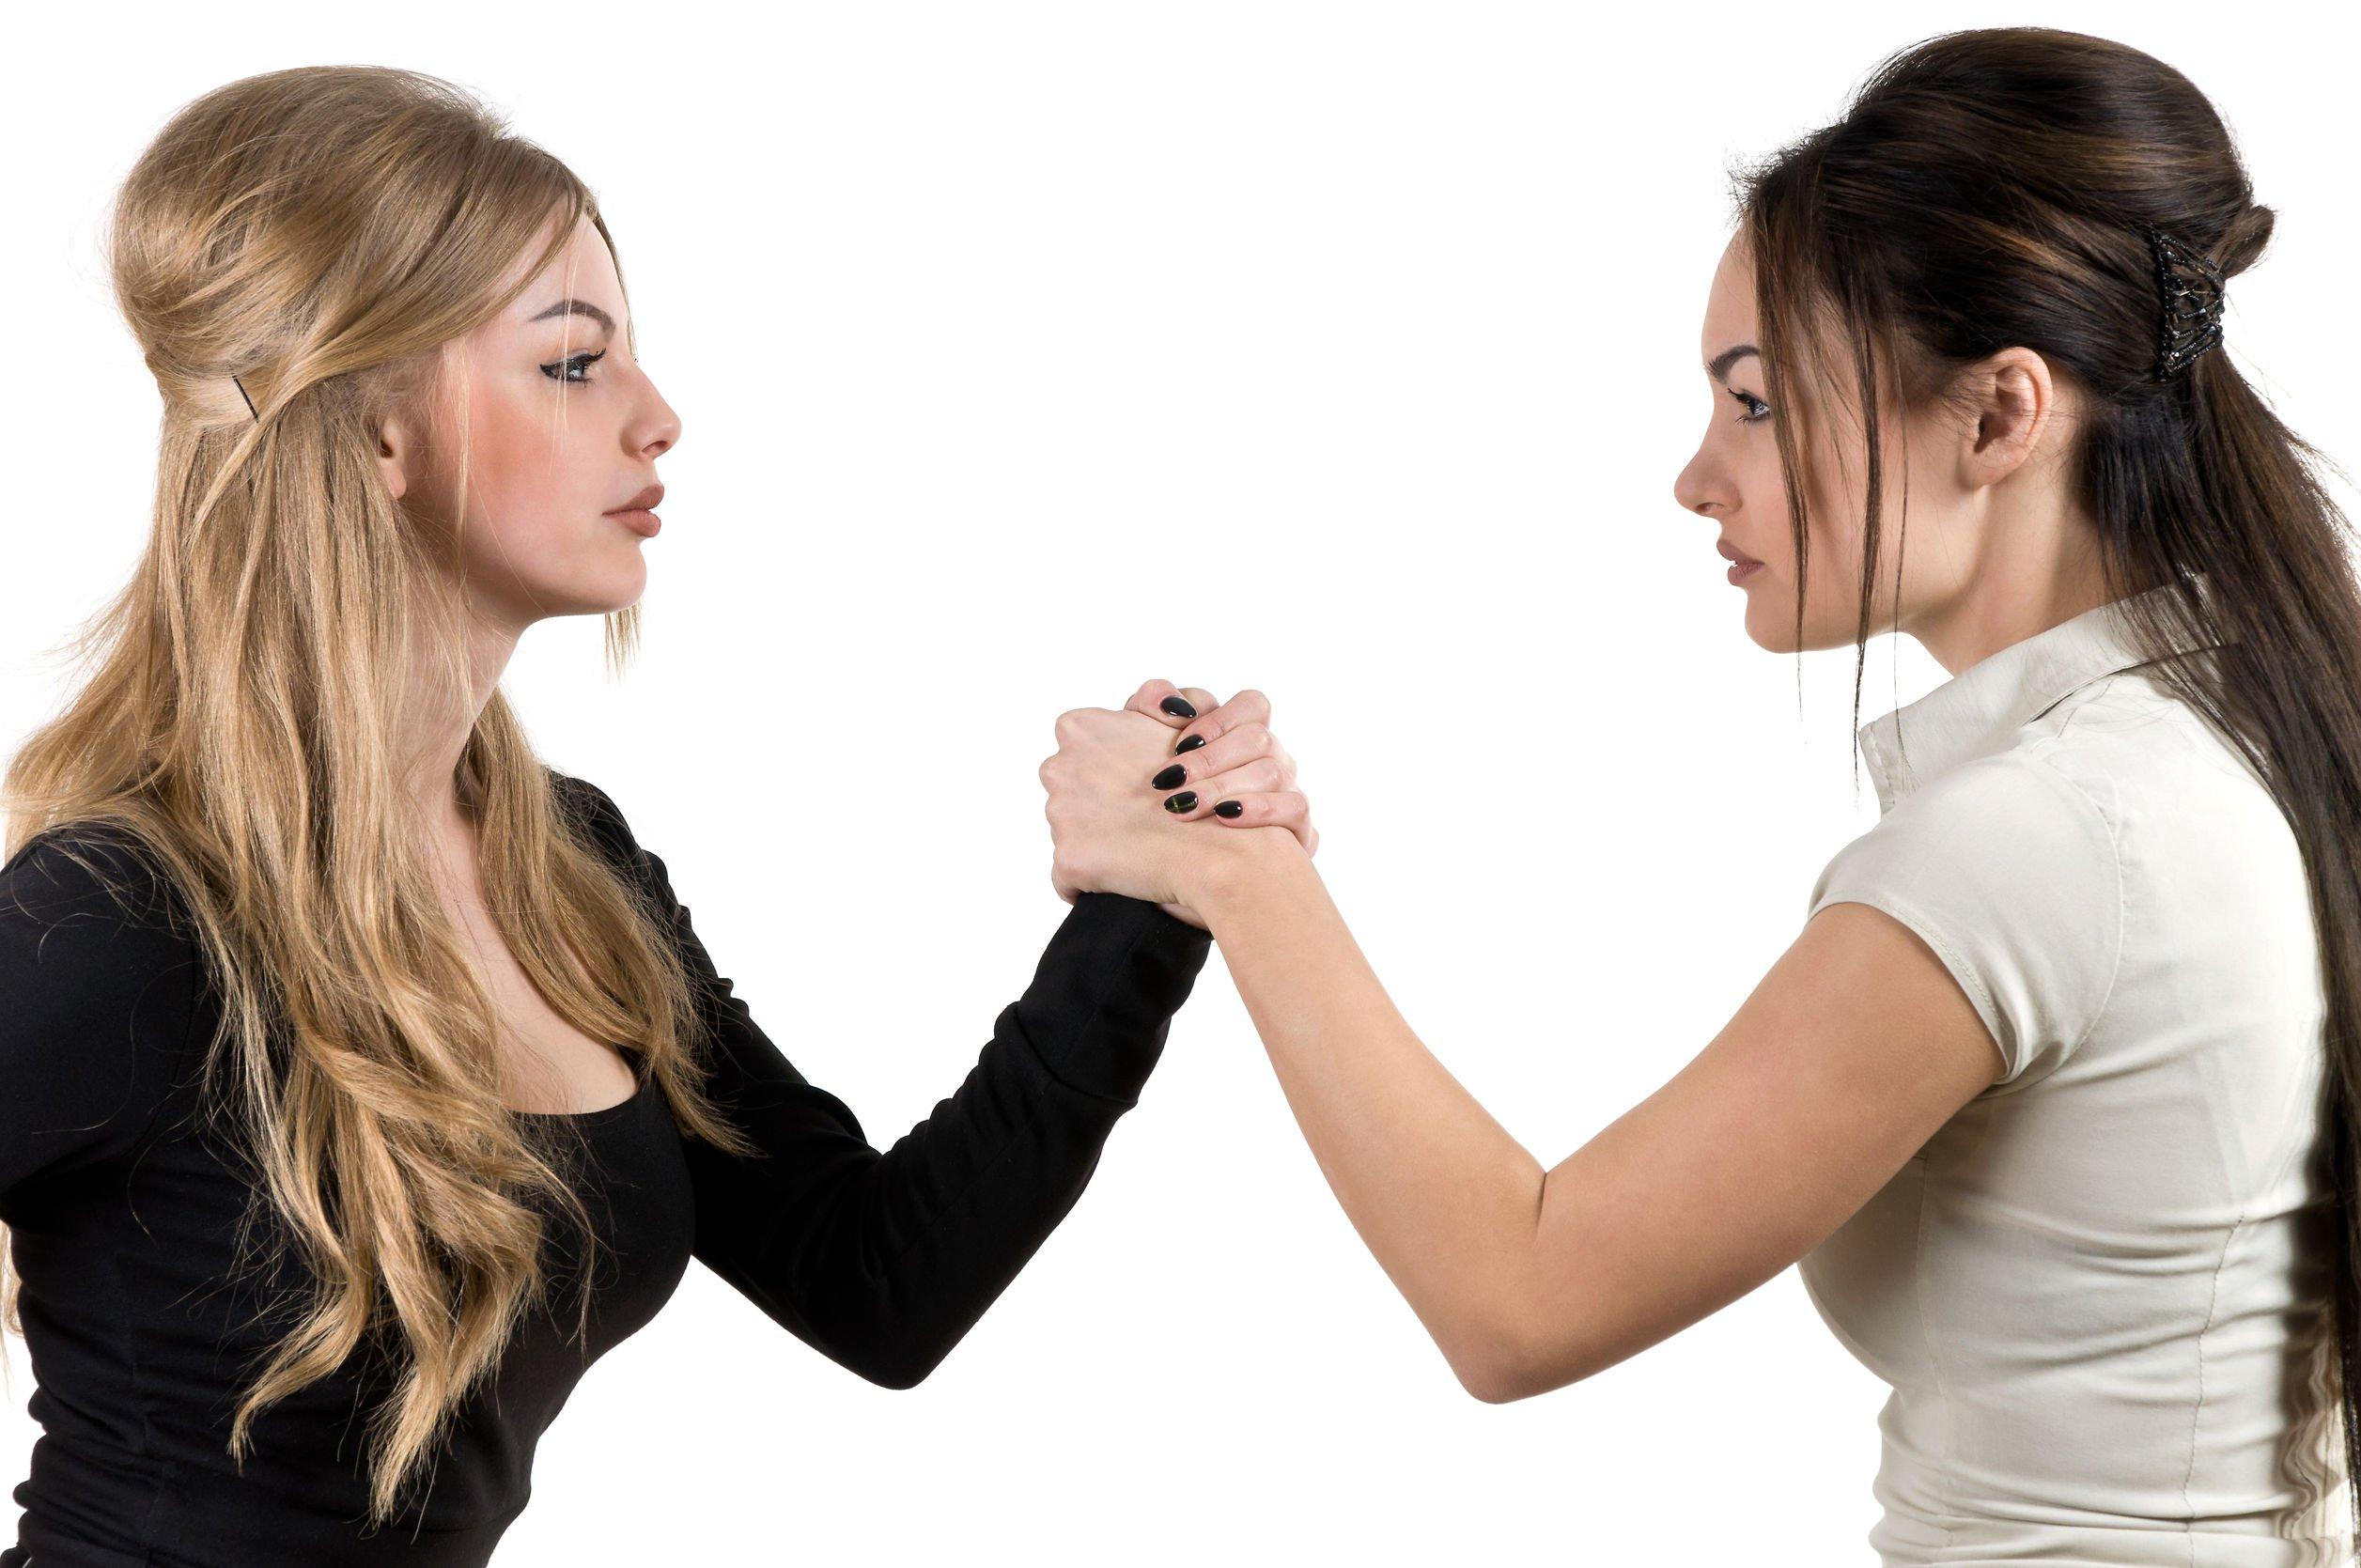 Проведение соляной остуды от жены или любовницы